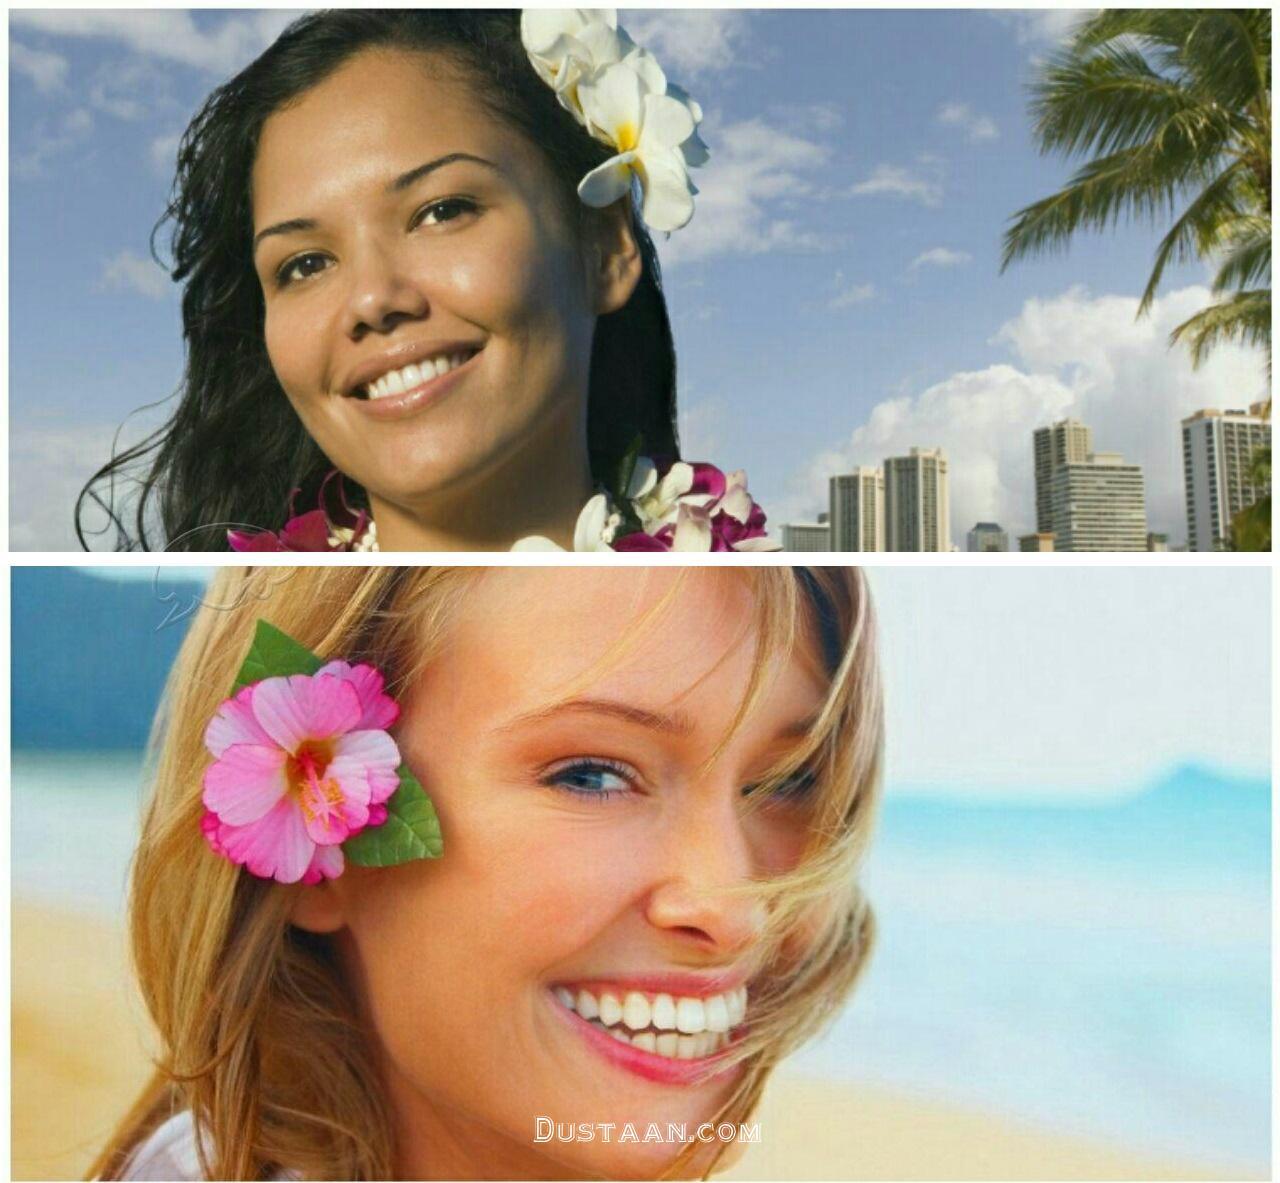 عکس: رسم عجیب دختران و زنان در هاوایی!